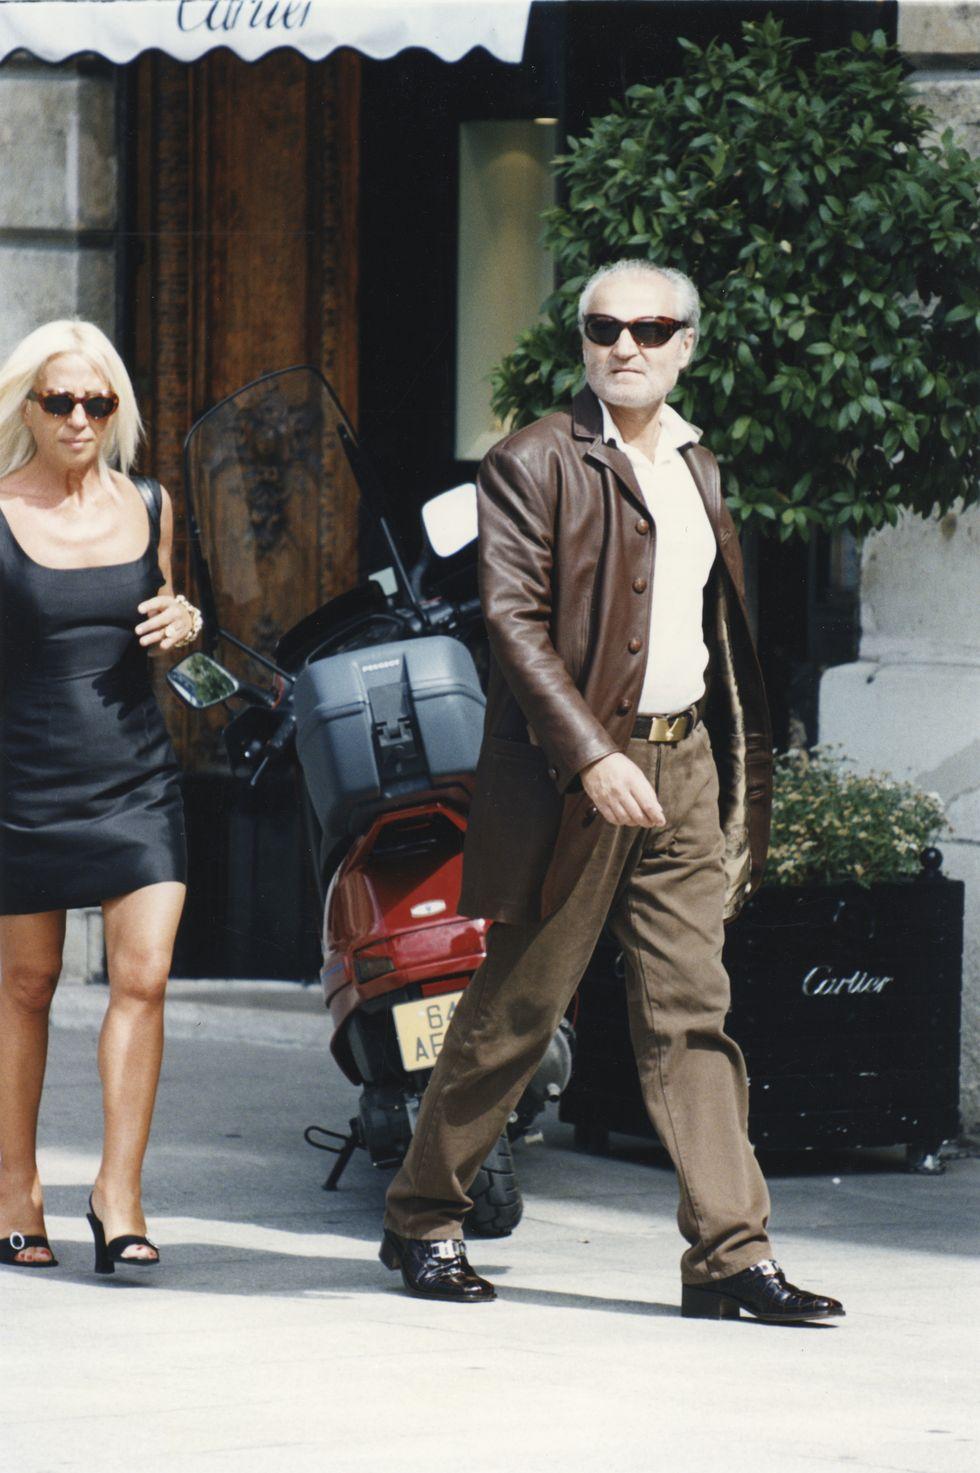 1996 година, Париж